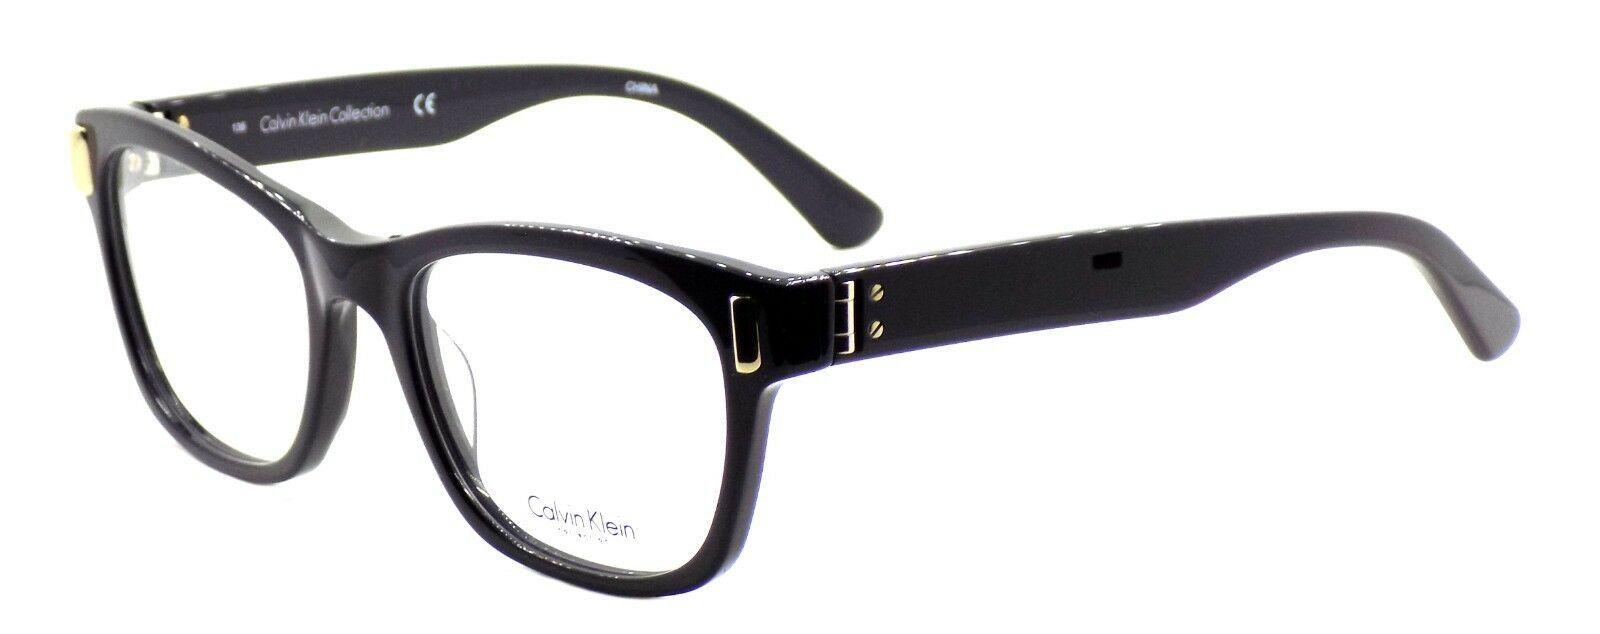 Calvin Klein CK8532 001 Women's Eyeglasses Frames Black 51-18-135 + CASE